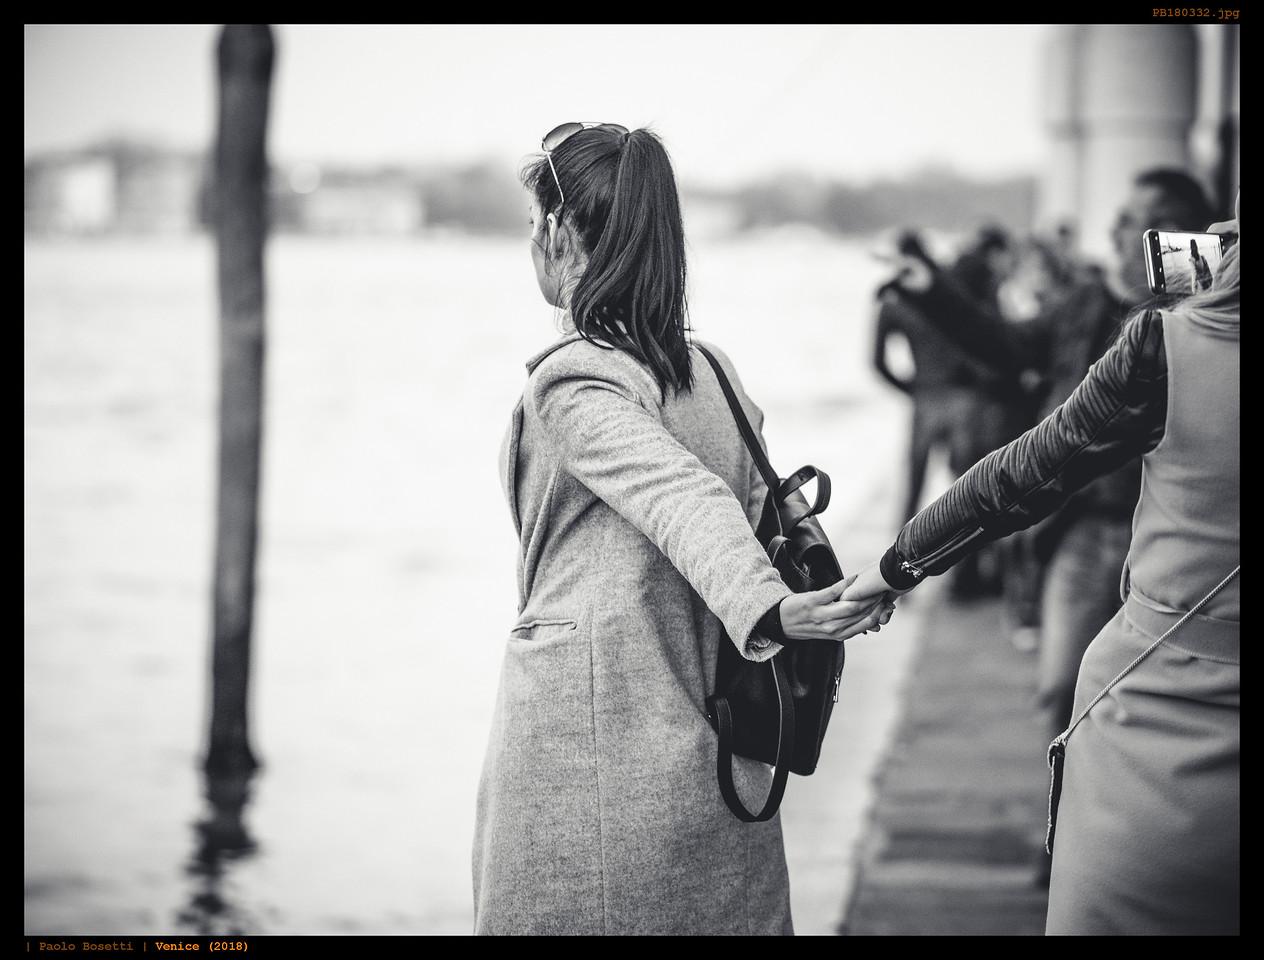 Venice (2018)